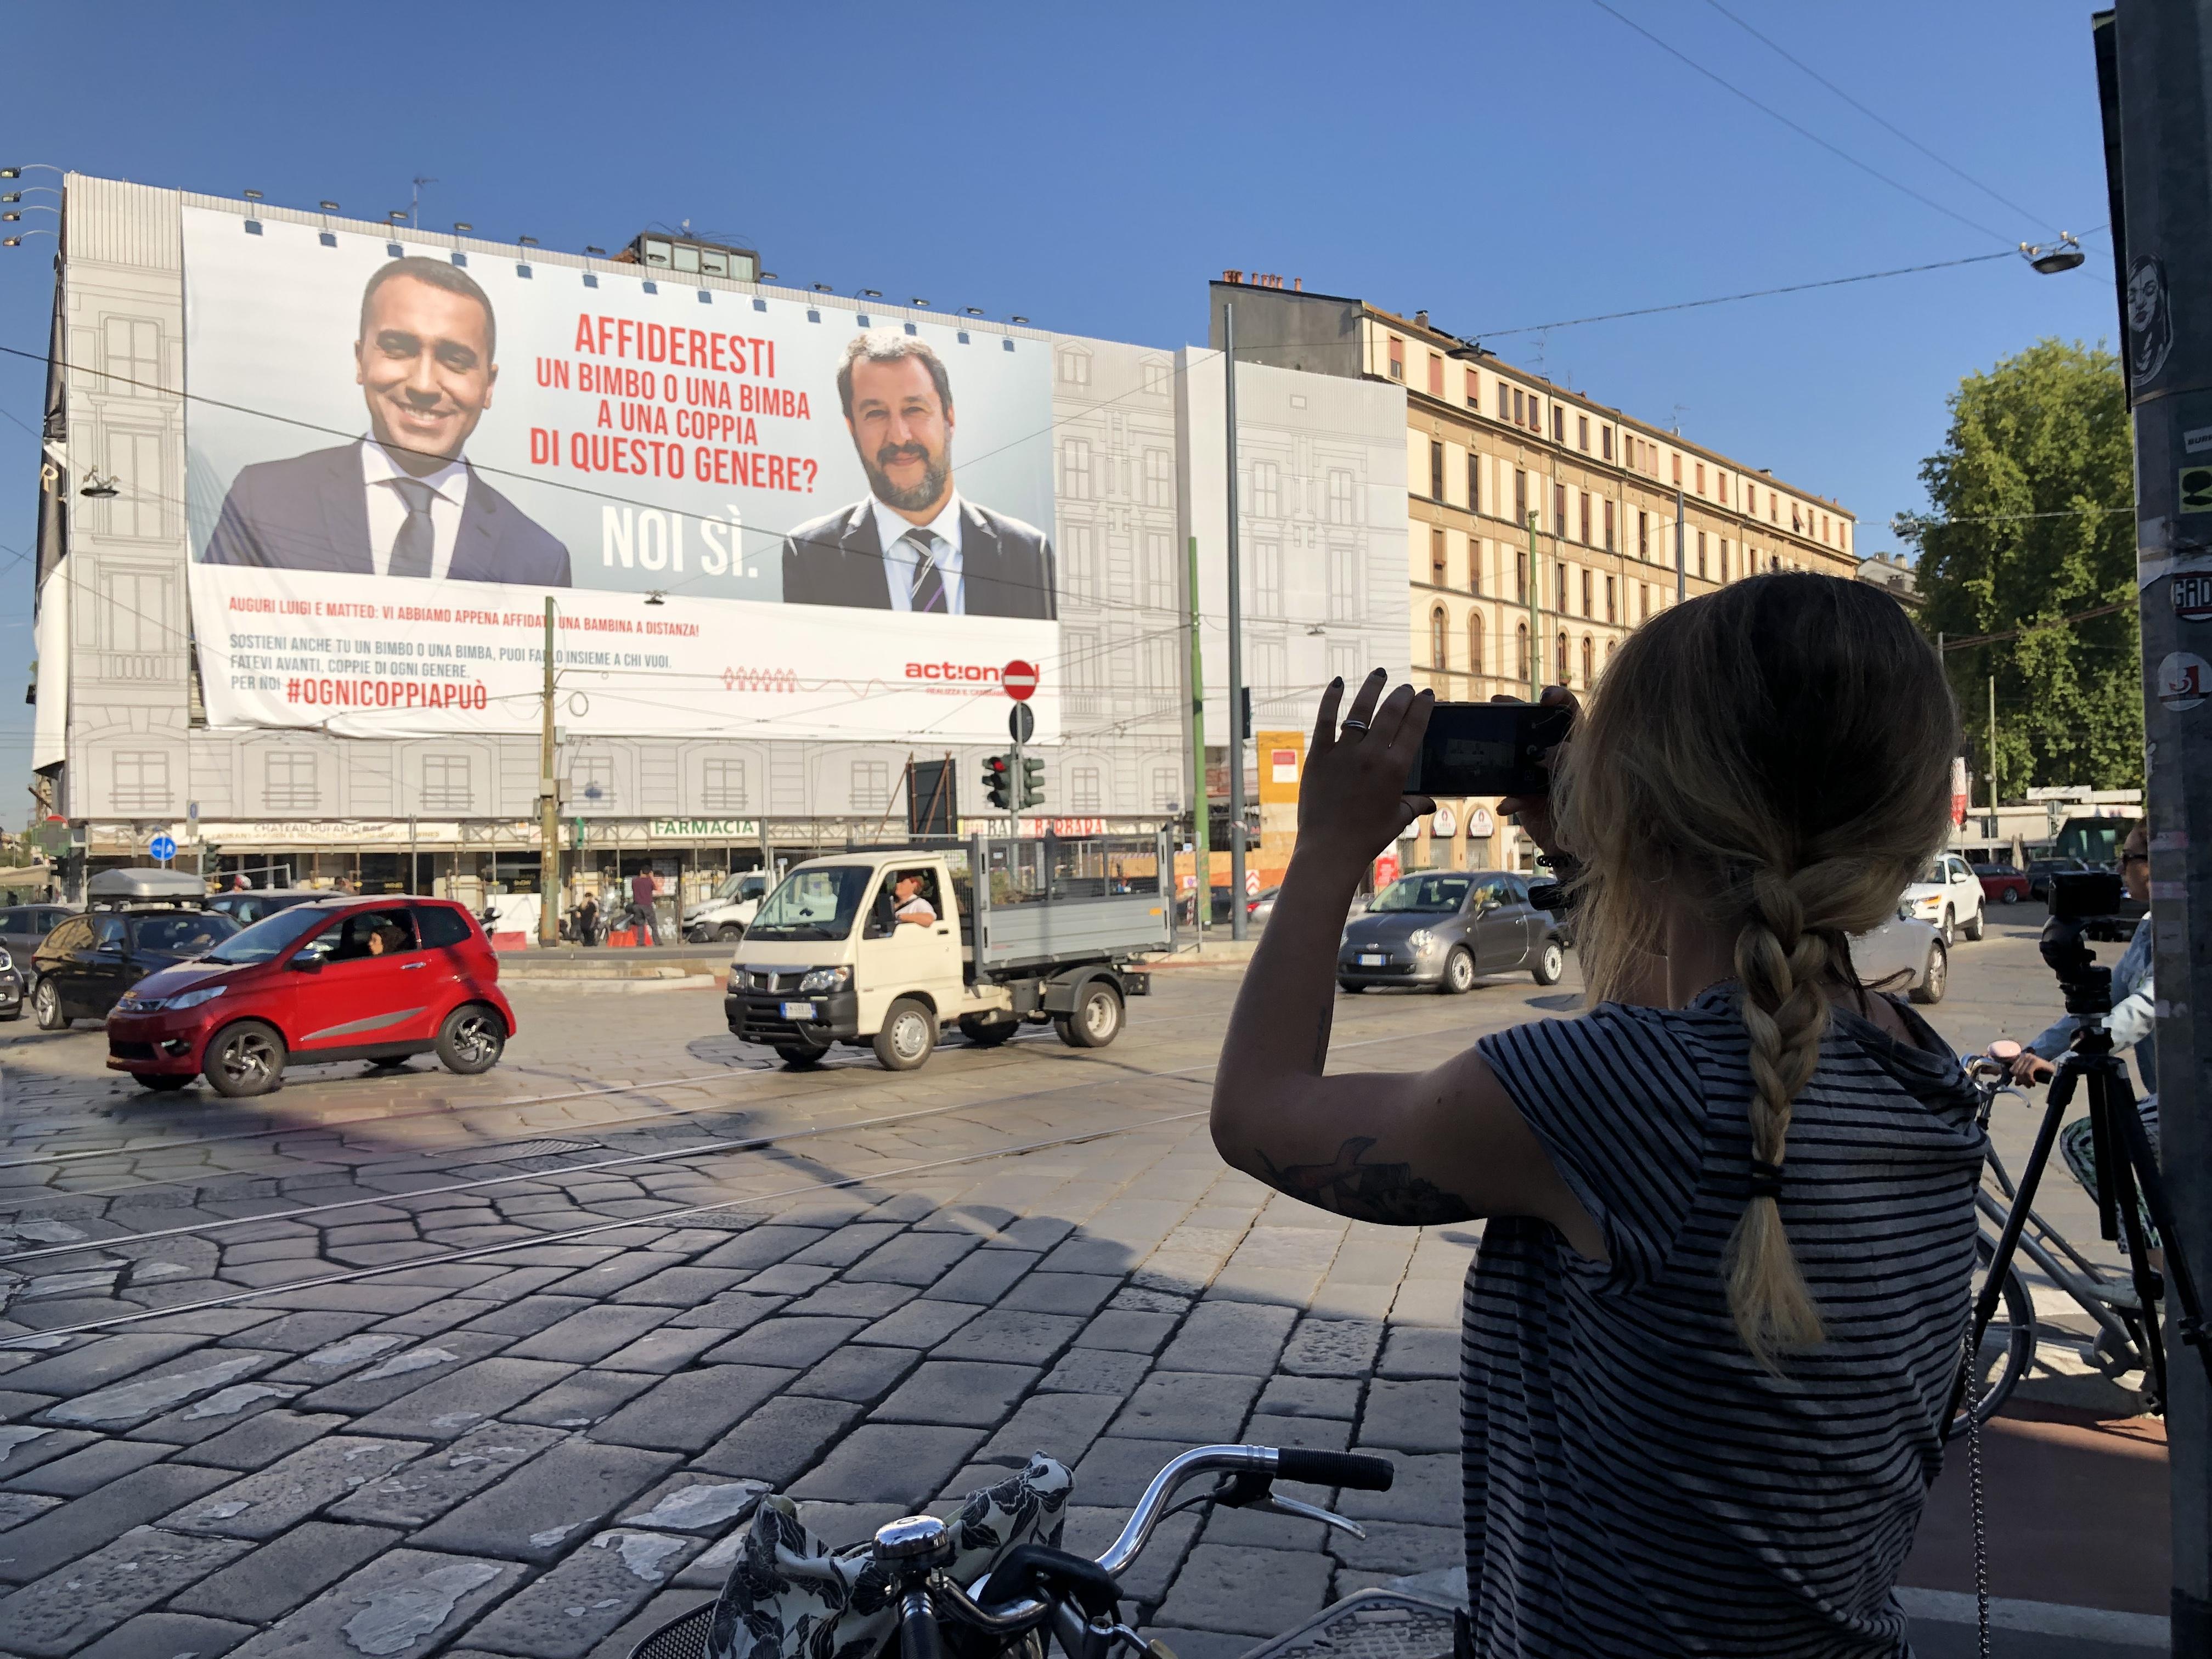 Ogni coppia può sostenere una bimba a distanza: ActionAid lancia la sfida a Salvini e Di Maio